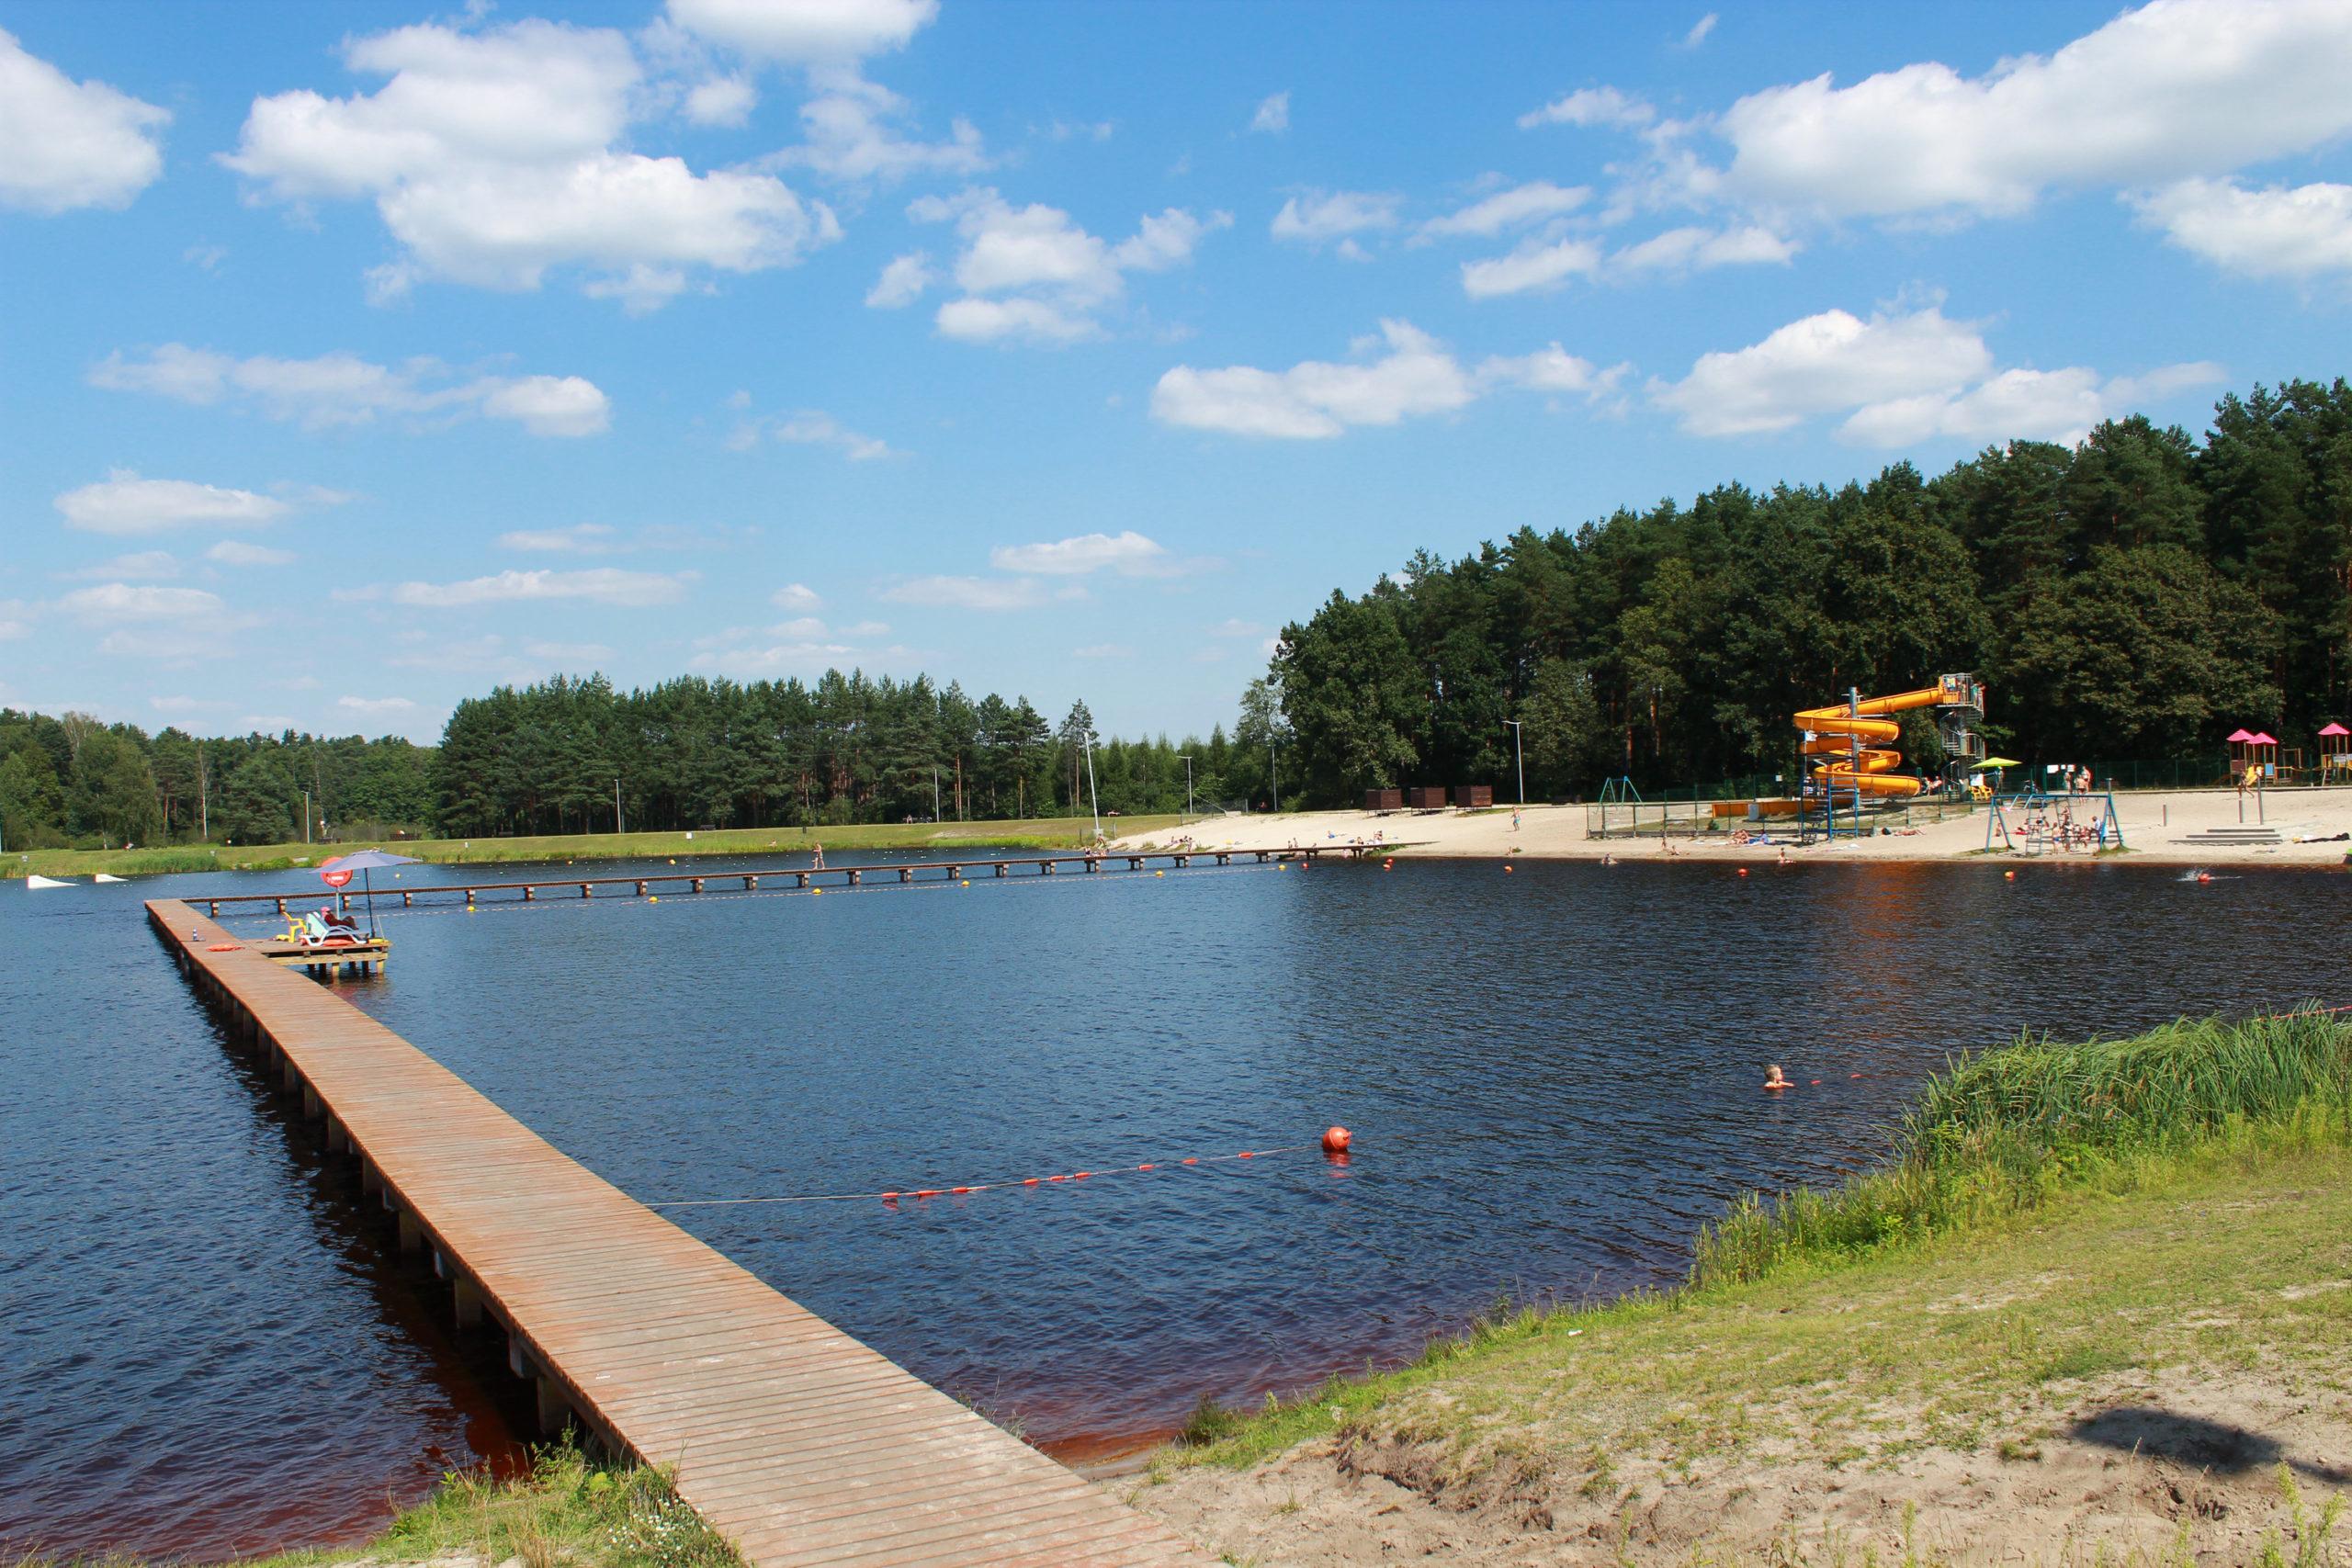 pomost na zbiorniku wodnym